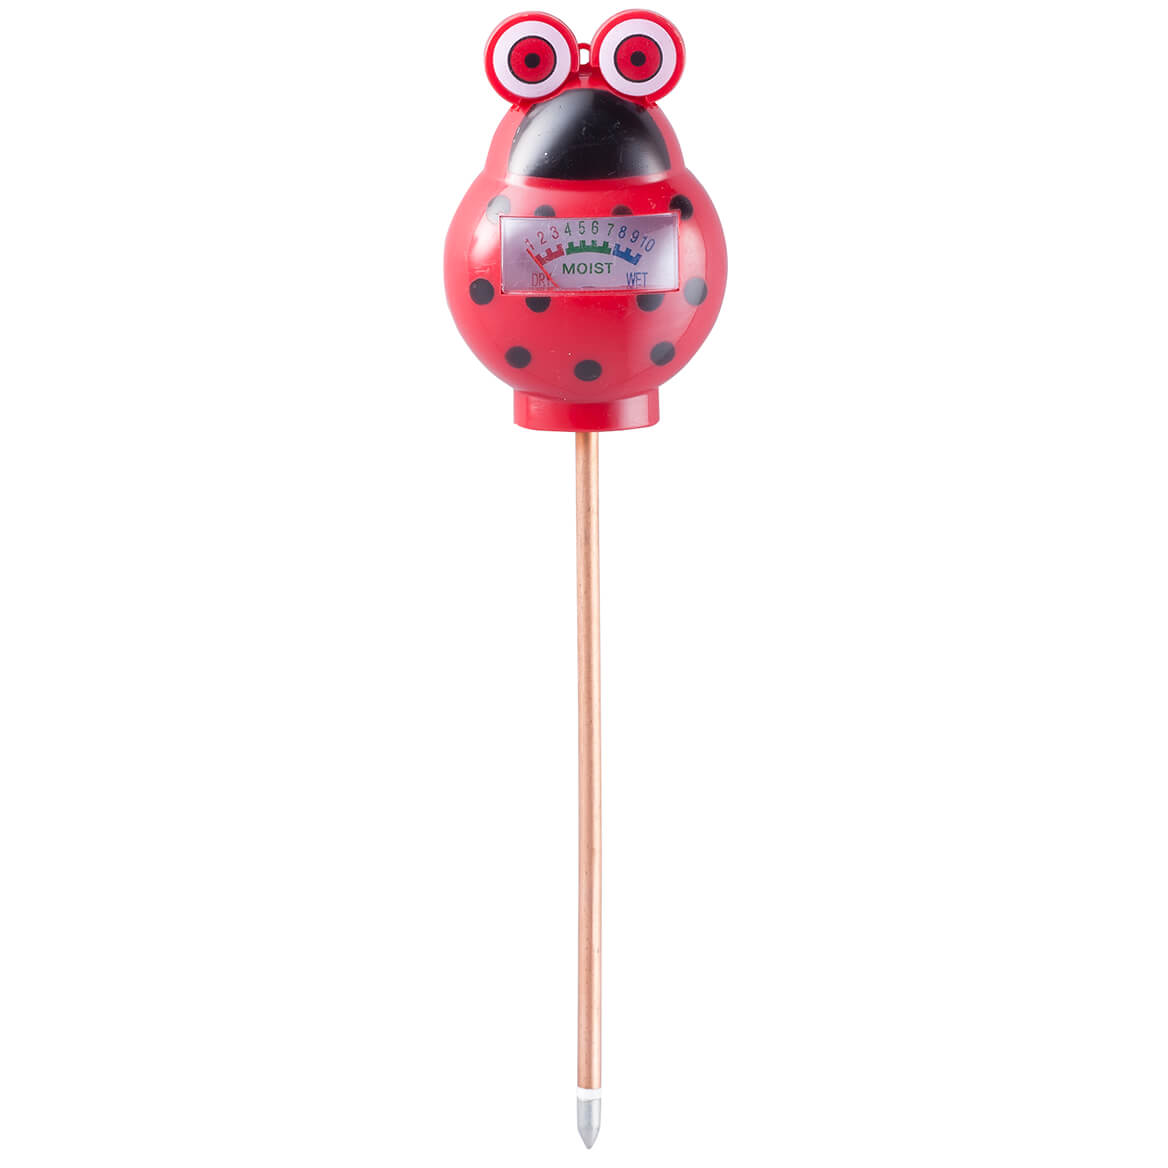 Ladybug Moisture Meter